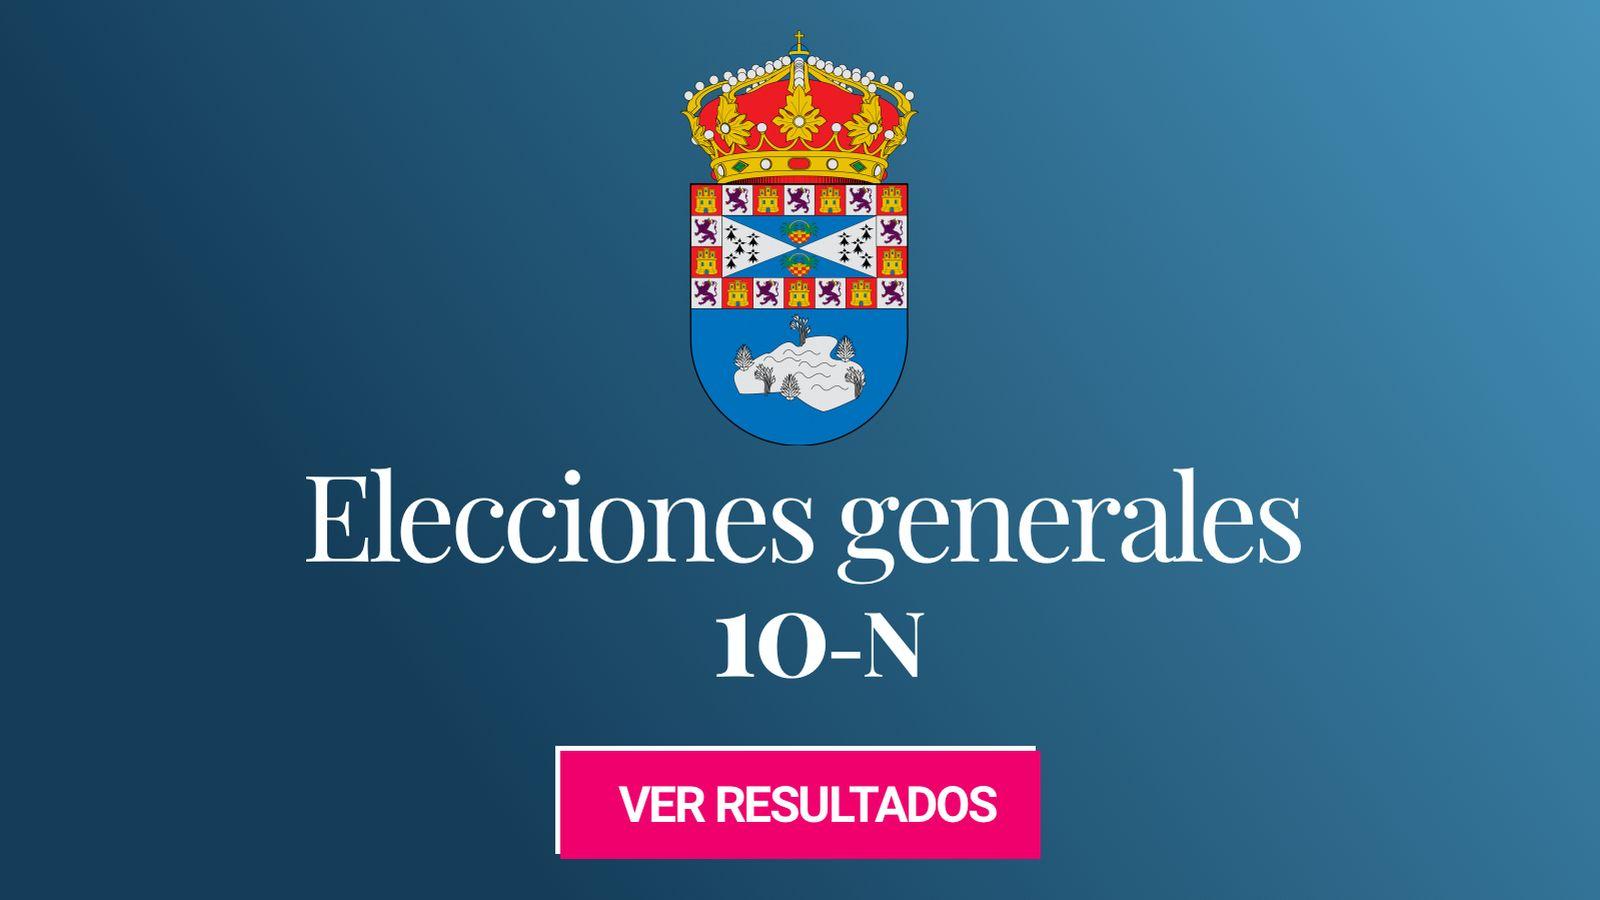 Foto: Elecciones generales 2019 en Leganés. (C.C./EC)